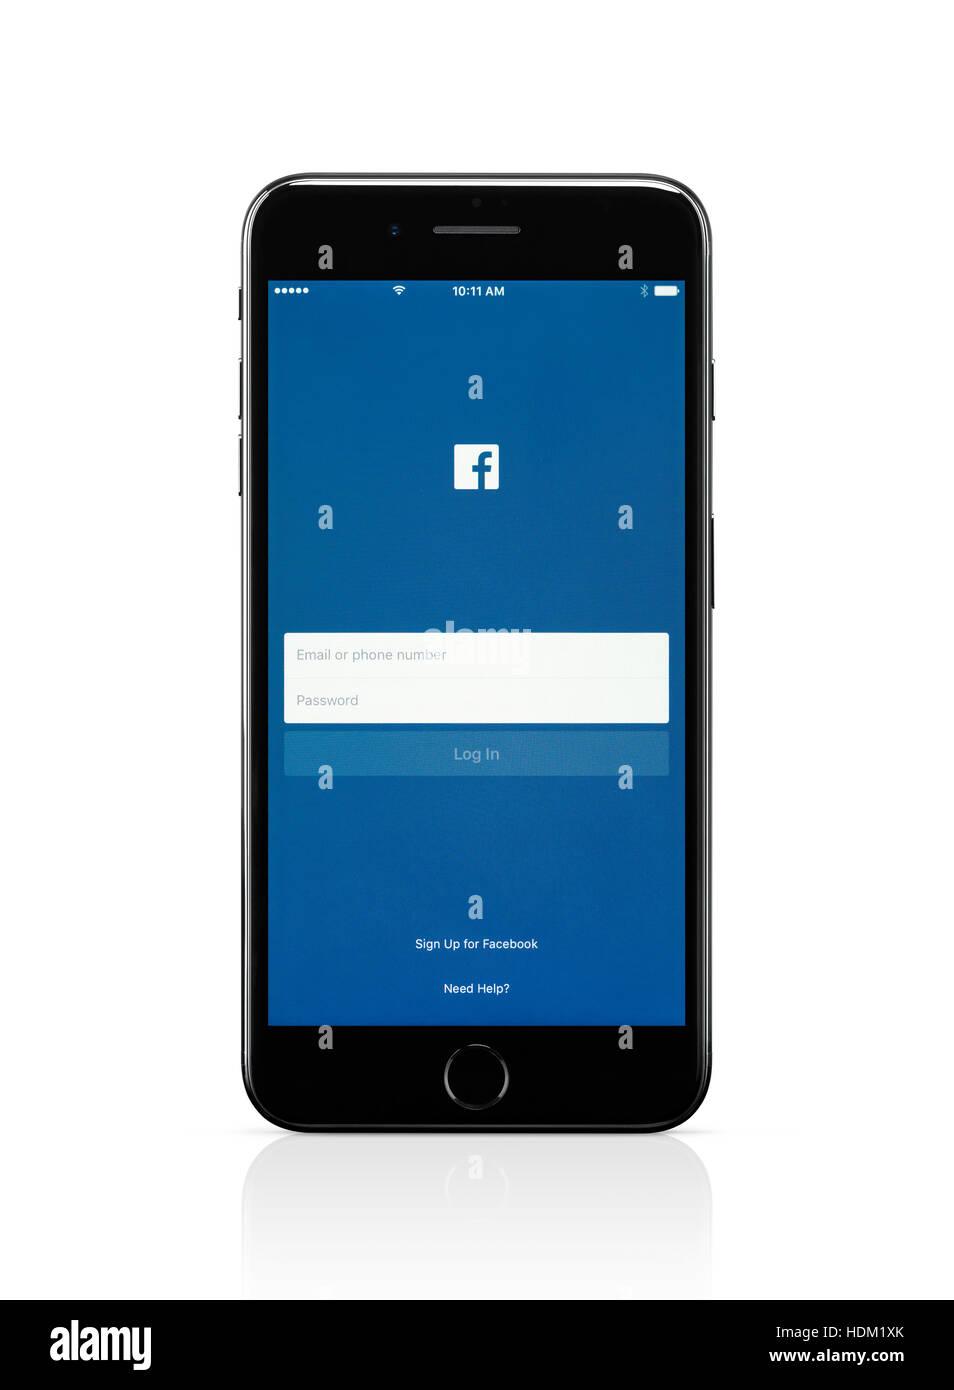 Apple iphone log in новостной индикатор для форекса